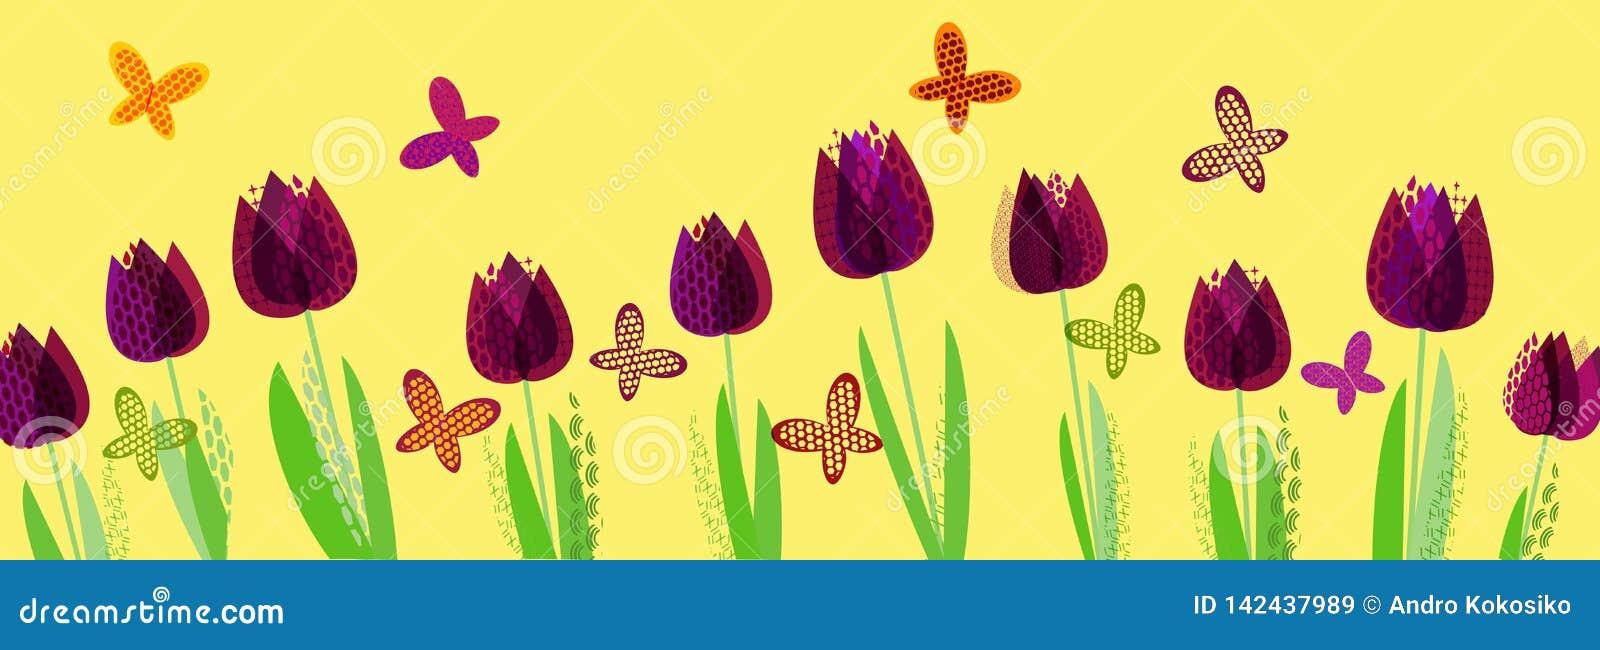 Primavera brillante abstracta, estampado de flores